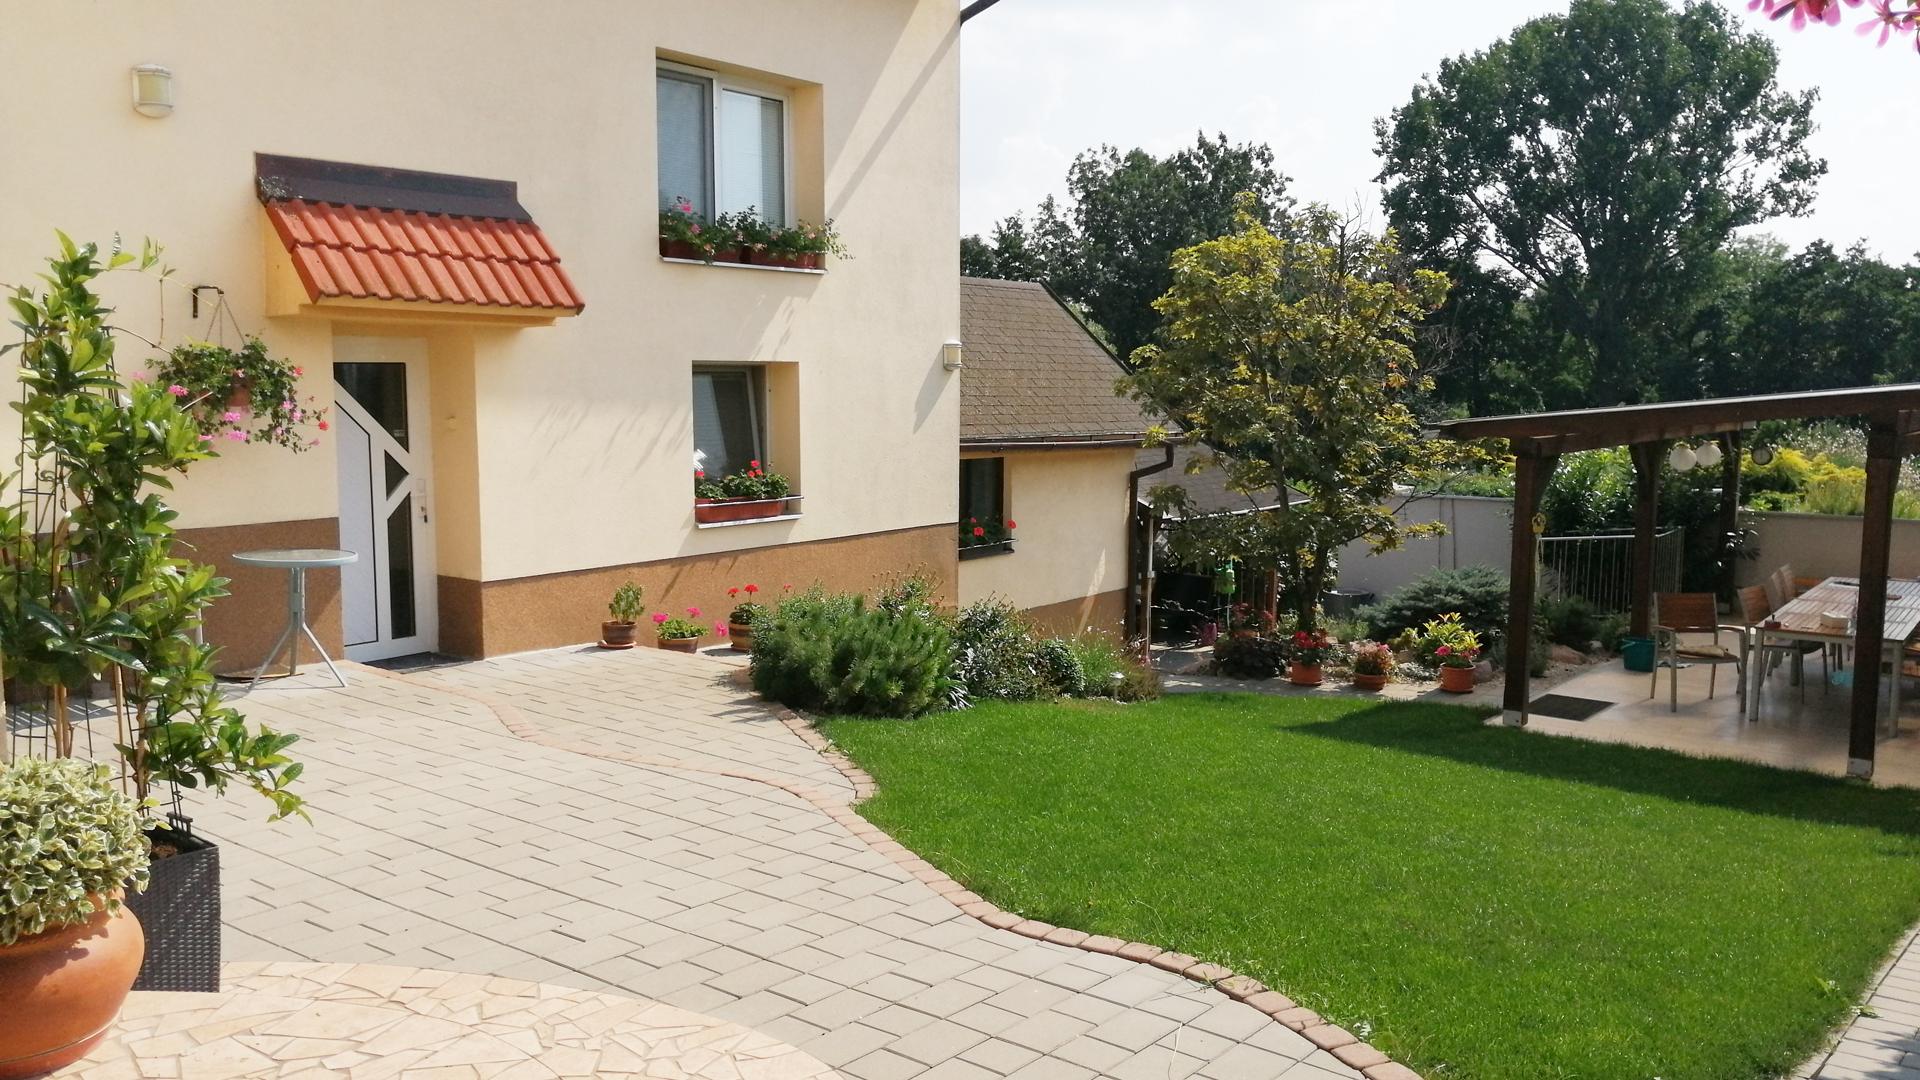 Rodinný dom, 9 izbový, krytý bazén v dome a veľká záhrada, Blatné